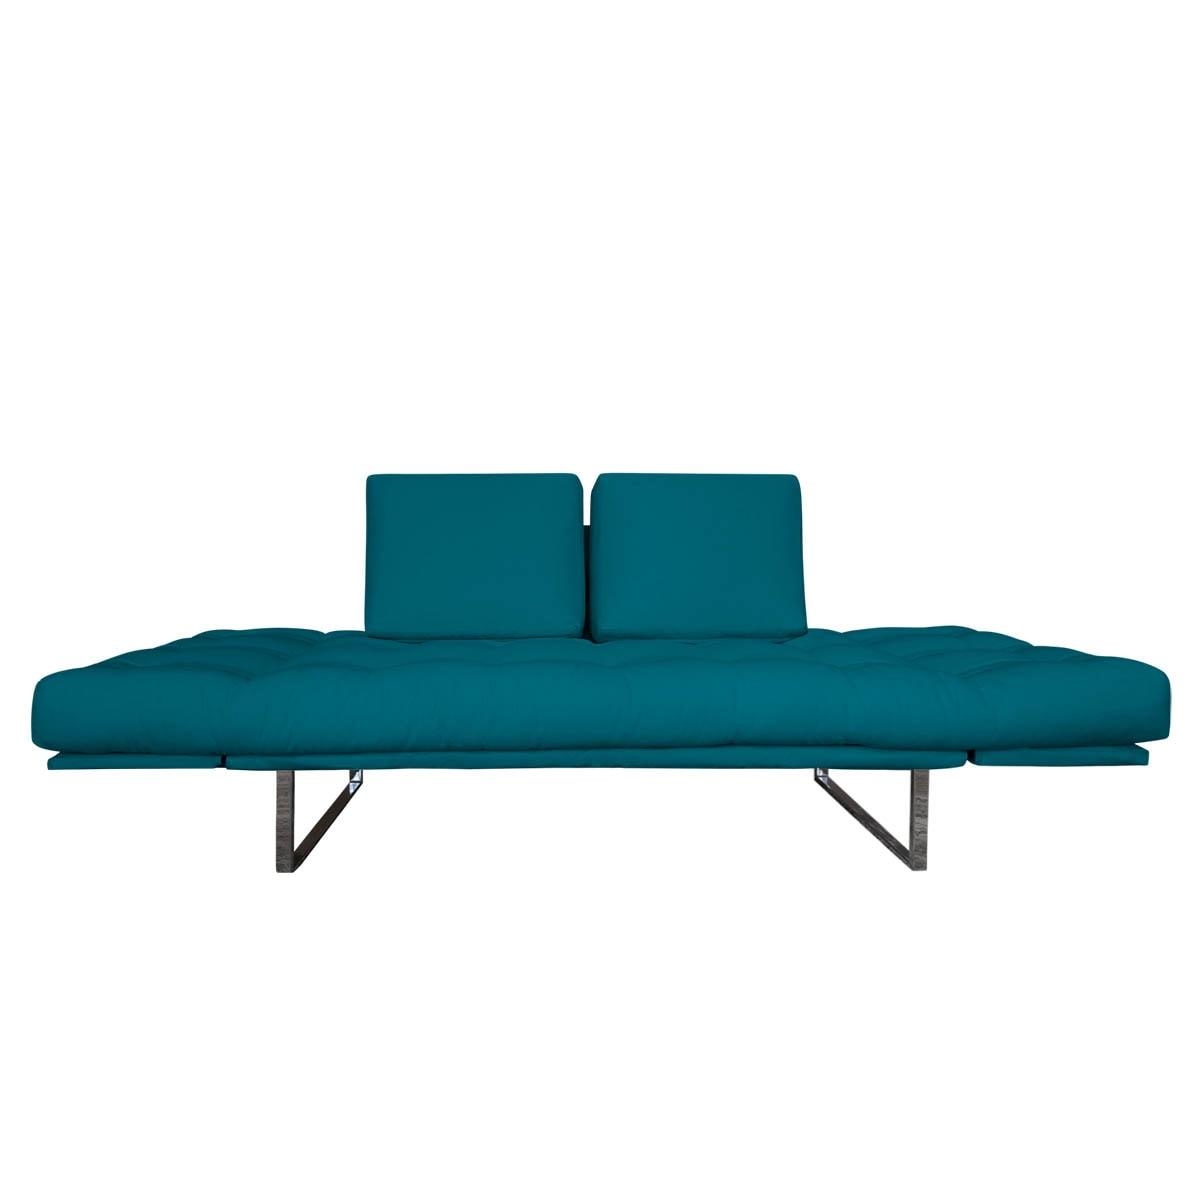 Sofa cama 2 lugares futon company for Sofa 03 lugares com chaise